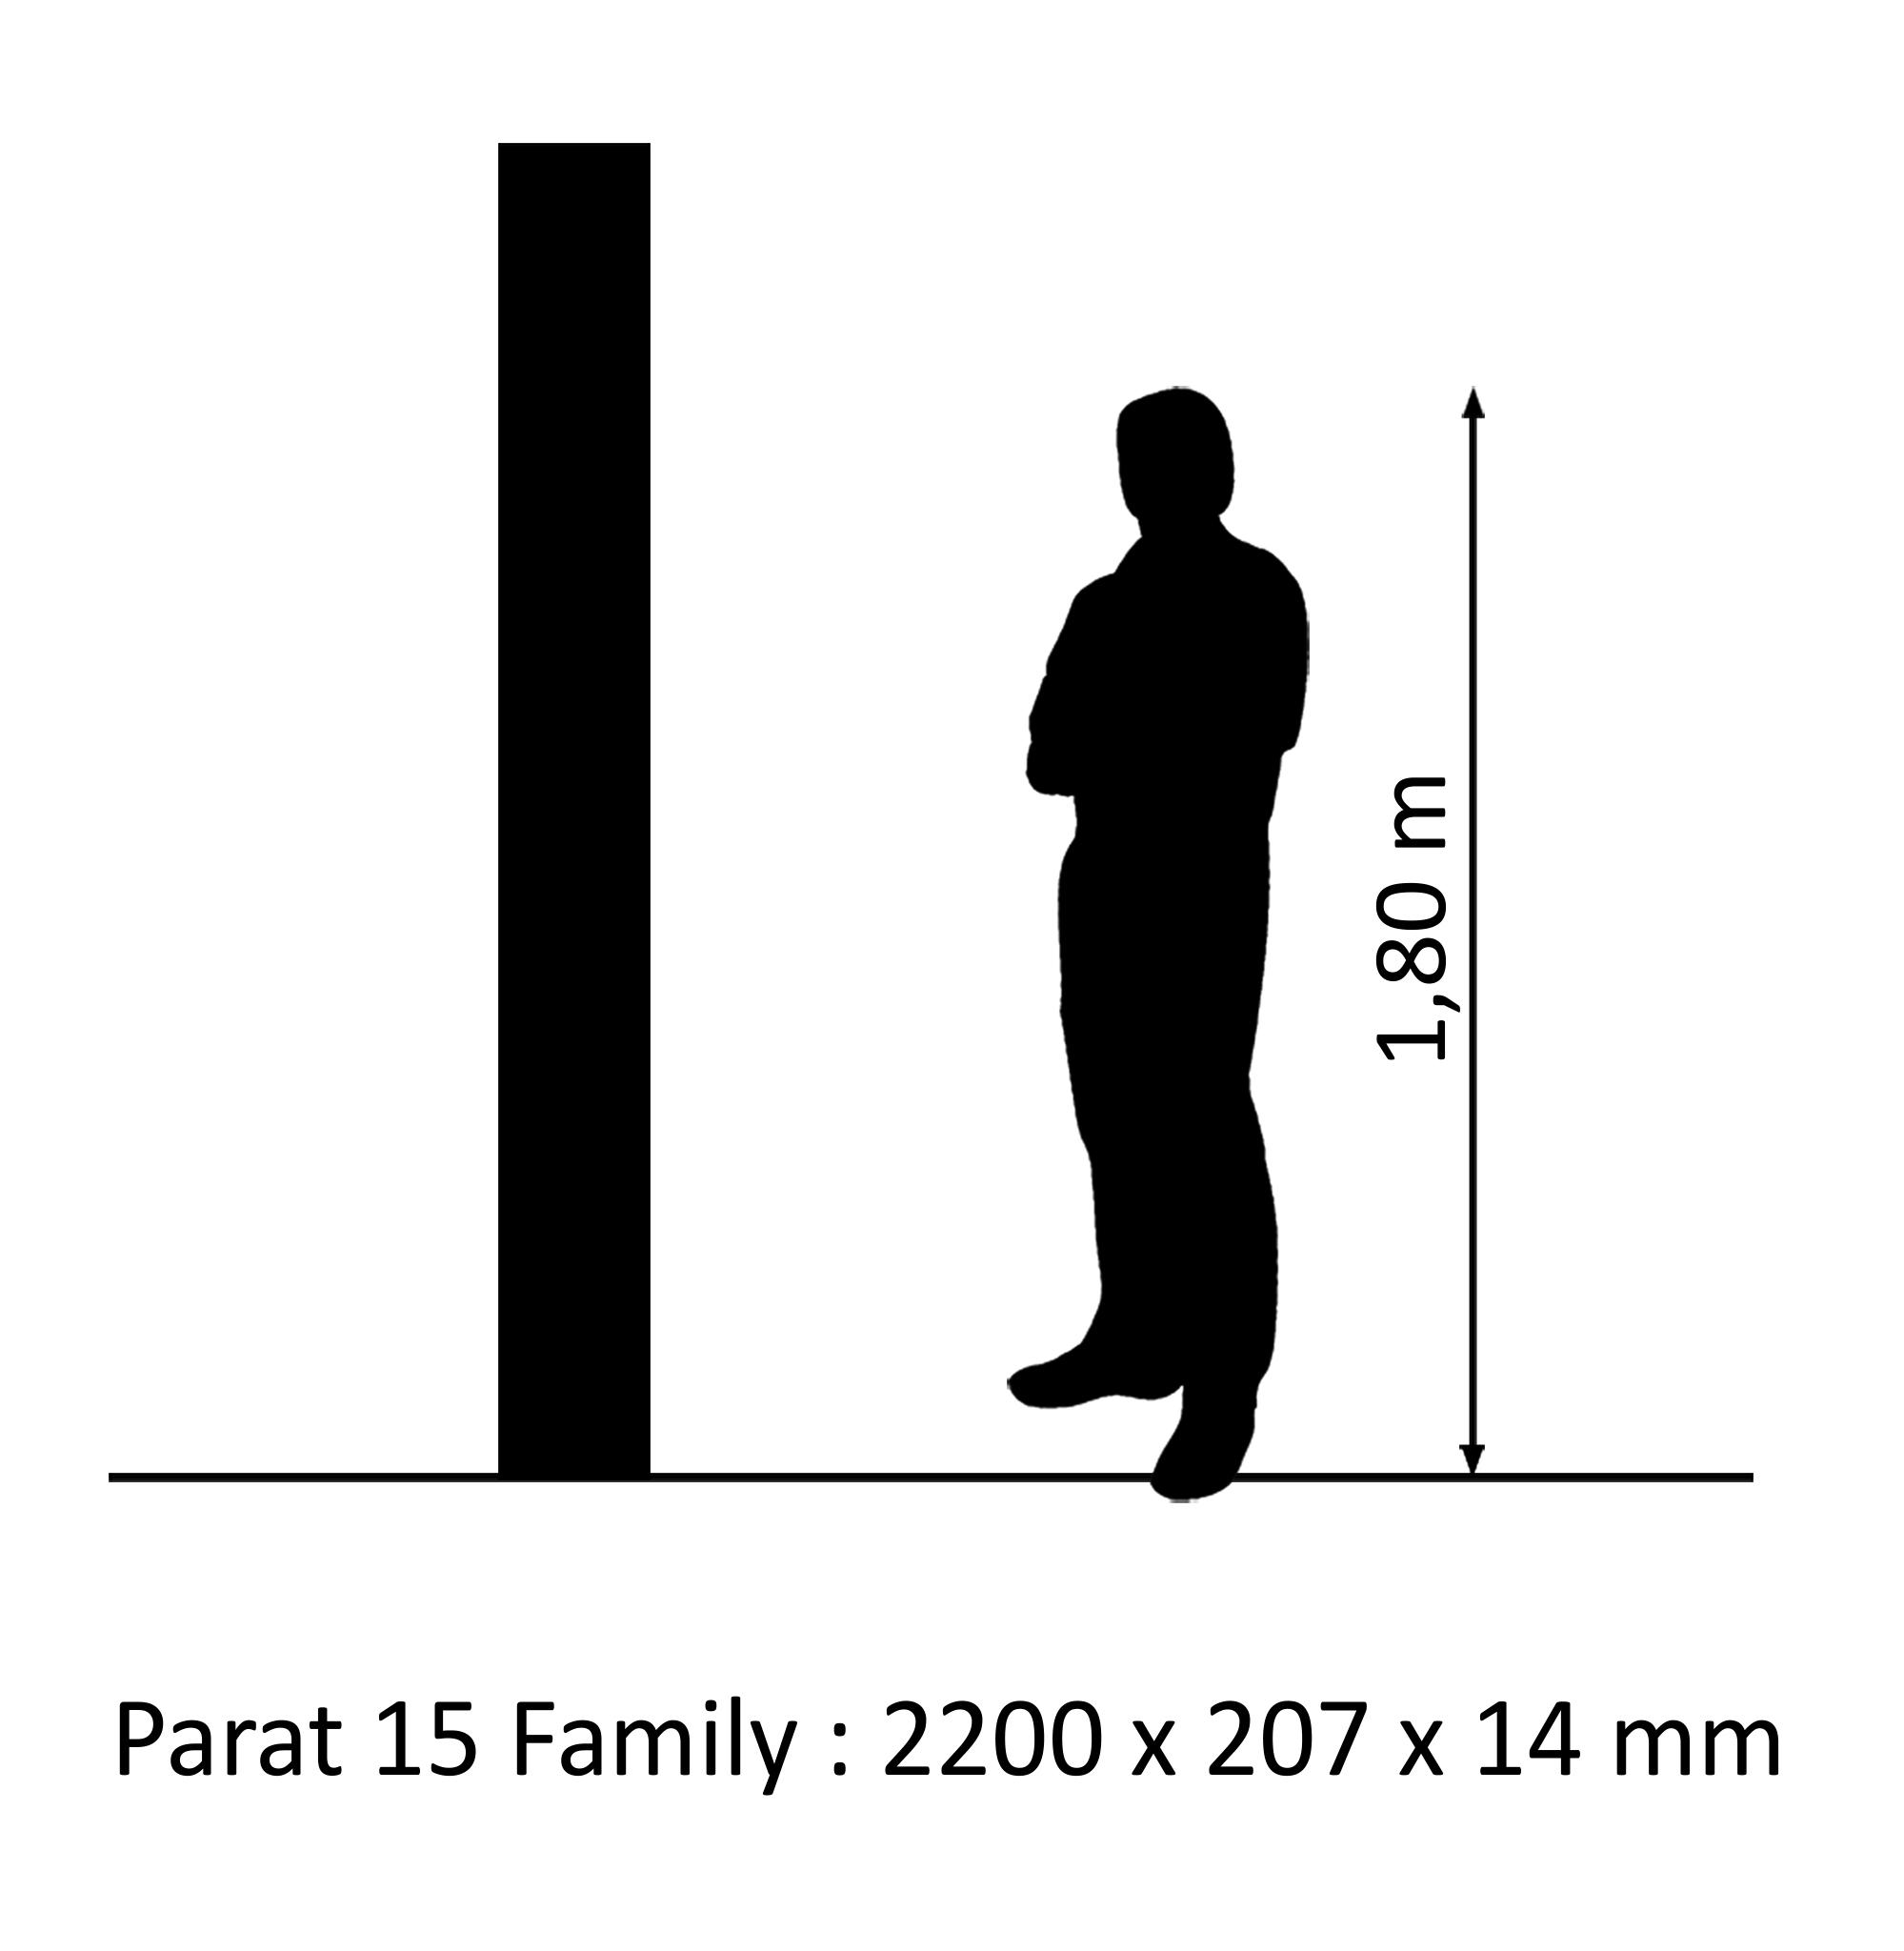 PARAT 15 Eiche Family SB Mattlack 14mm